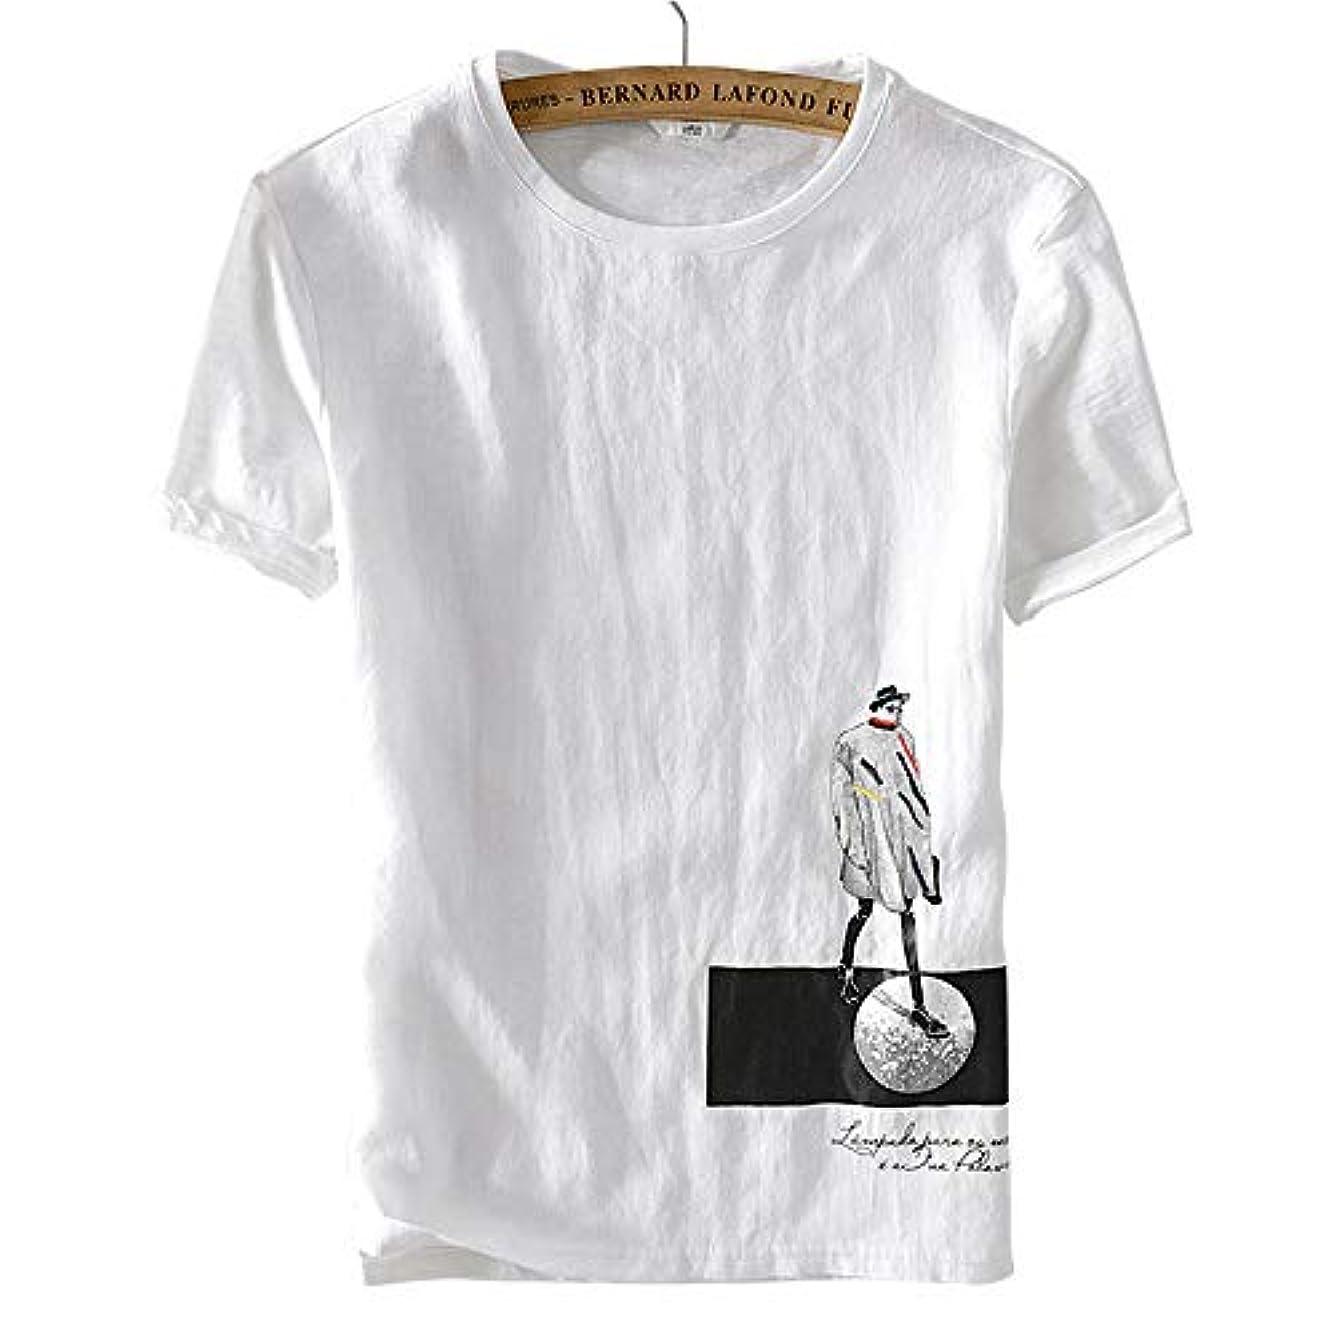 日付天皇評判リネン半袖tシャツ 刺繍 白シャツ 無地Tシャツ クルーネック 大きいサイズ 通気性